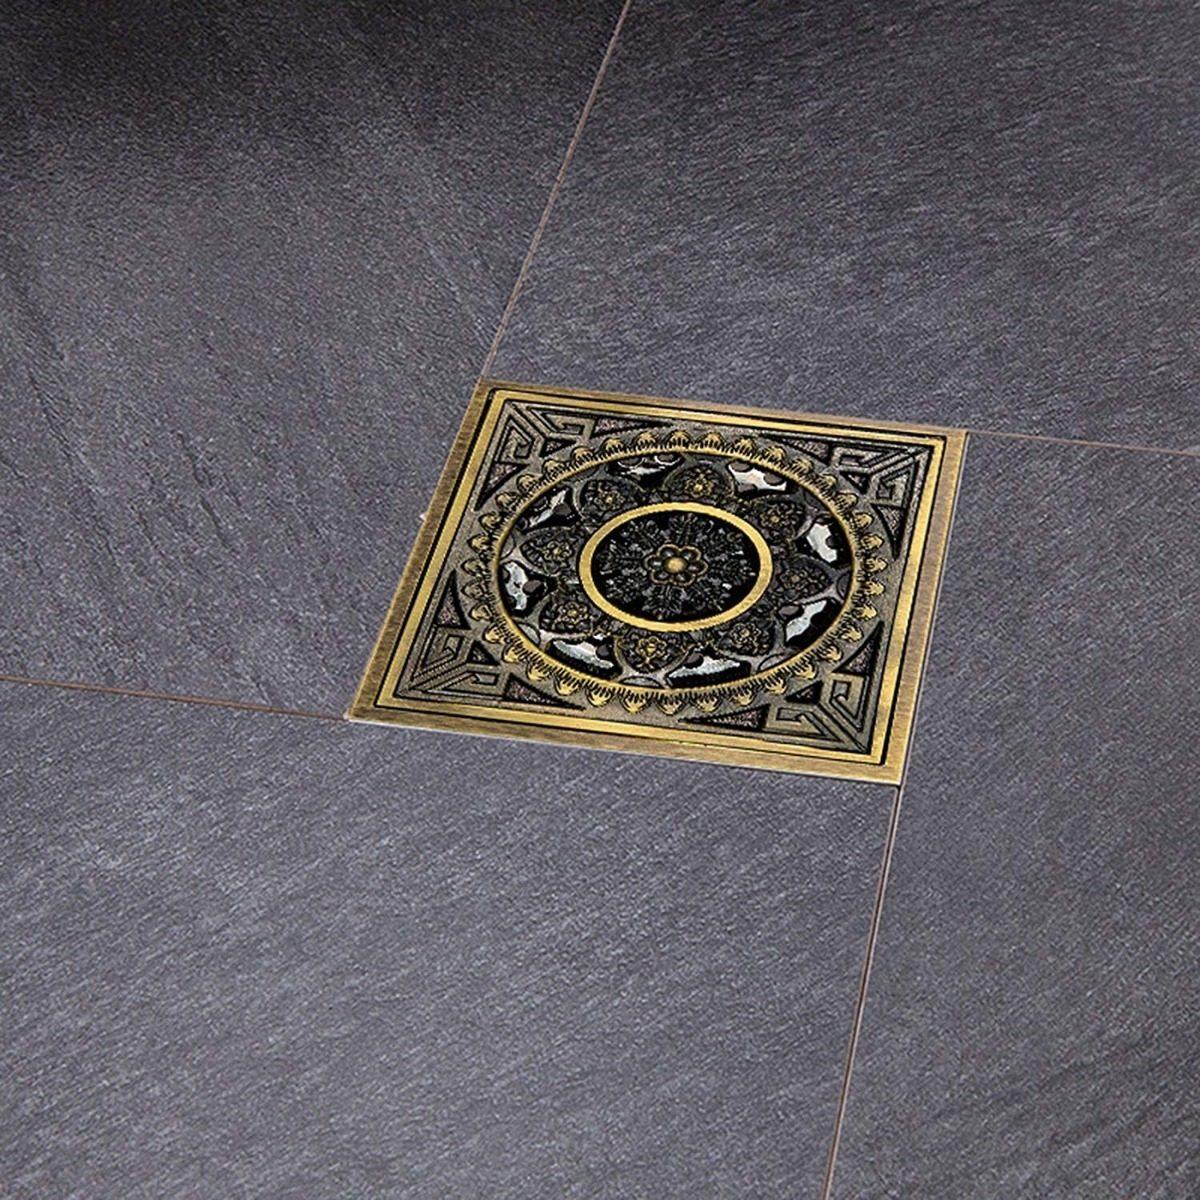 Color : 10X10CM XUCZHAI Drenaje Ducha De Piso Ronda Surge el pie del Piso de Drenaje for el ba/ño Cubierta de Fondo de Empuje hacia Abajo Ducha tap/ón de Drenaje 10X10CM O 15x15cm